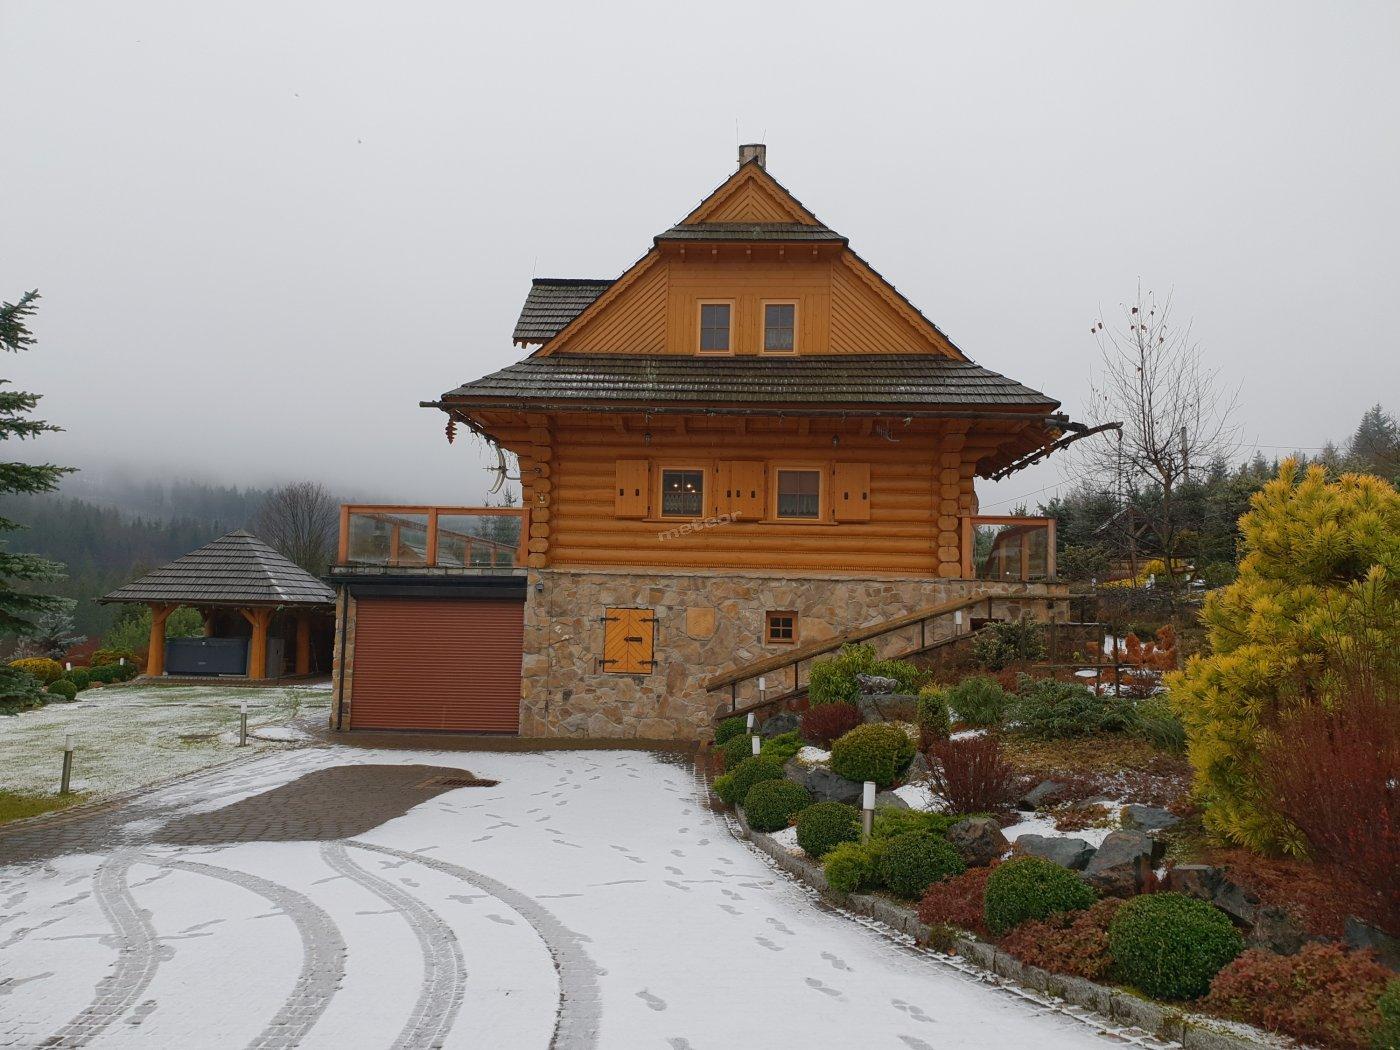 Cytrynówka Komfortowy Dom w górach